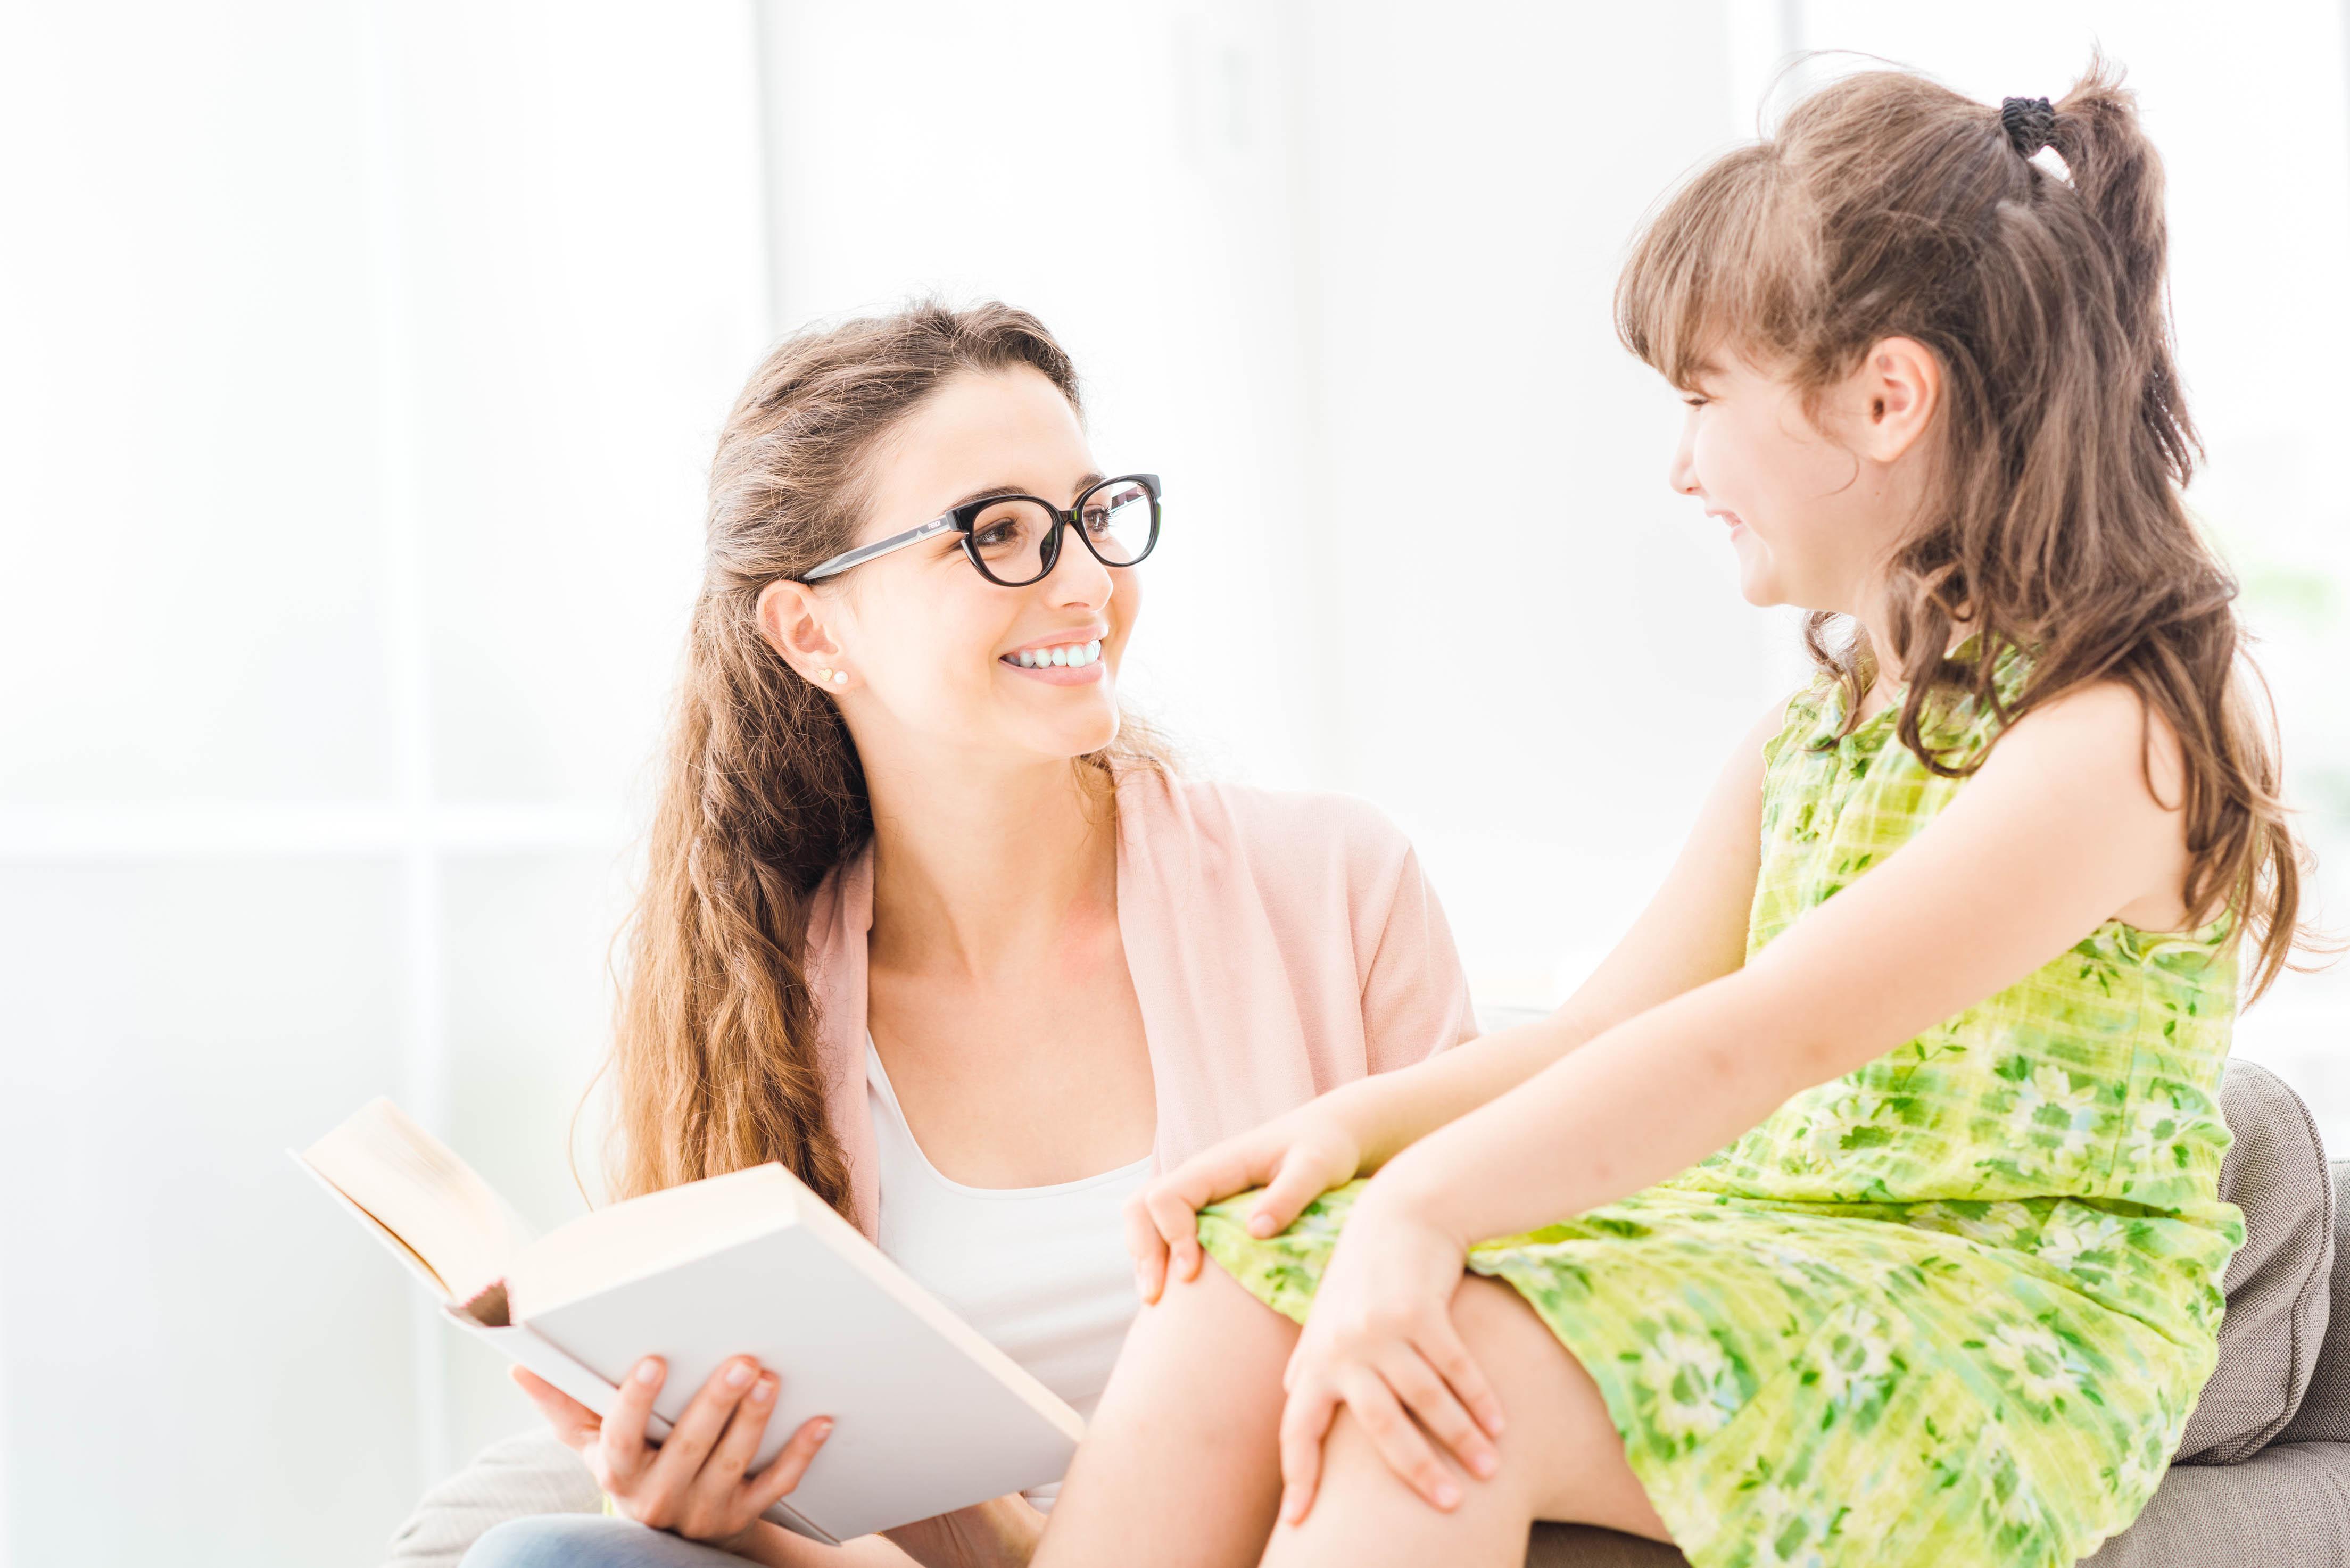 Oletko sinä hyvä lastenhoitaja? Tee Babysitsin testi!